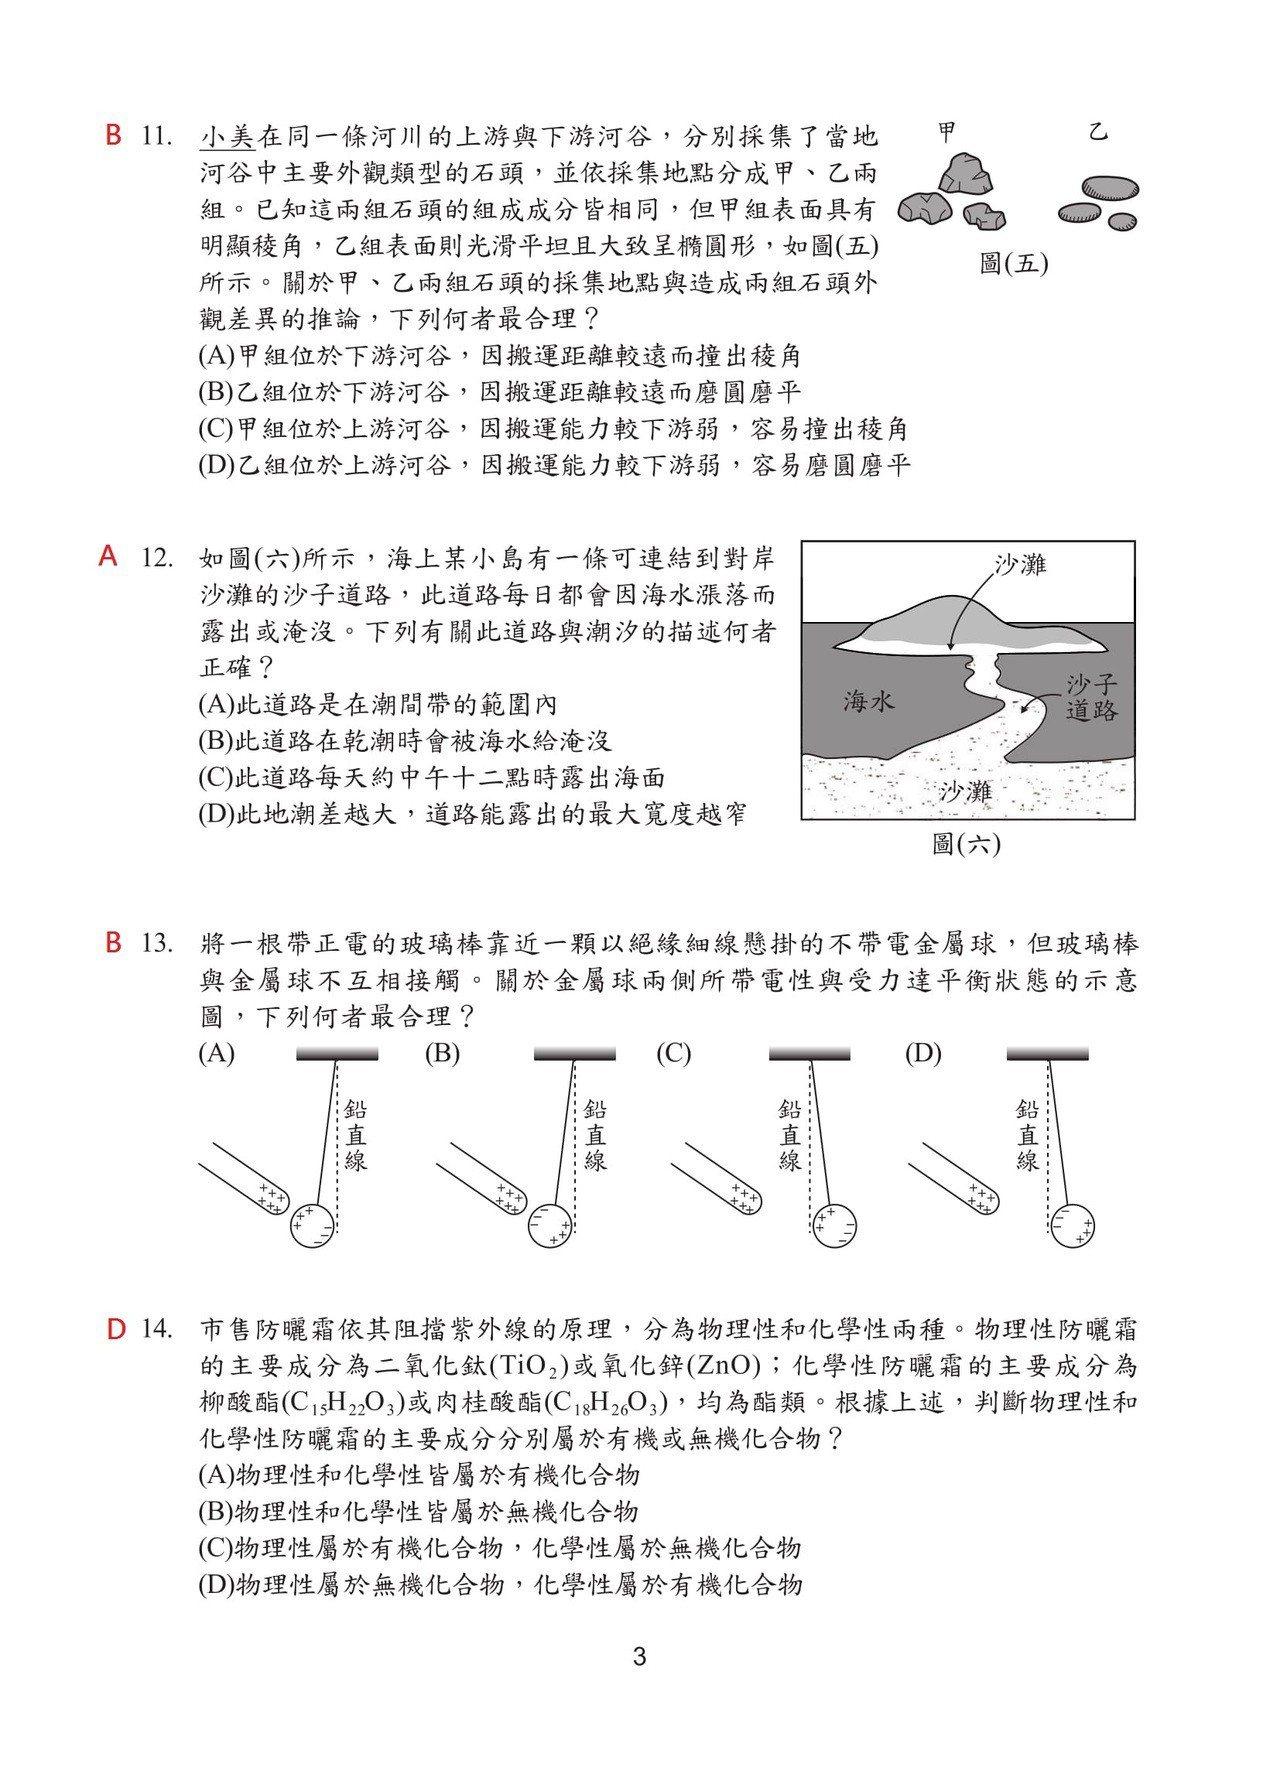 108國中會考自然科試題解答,第3頁。